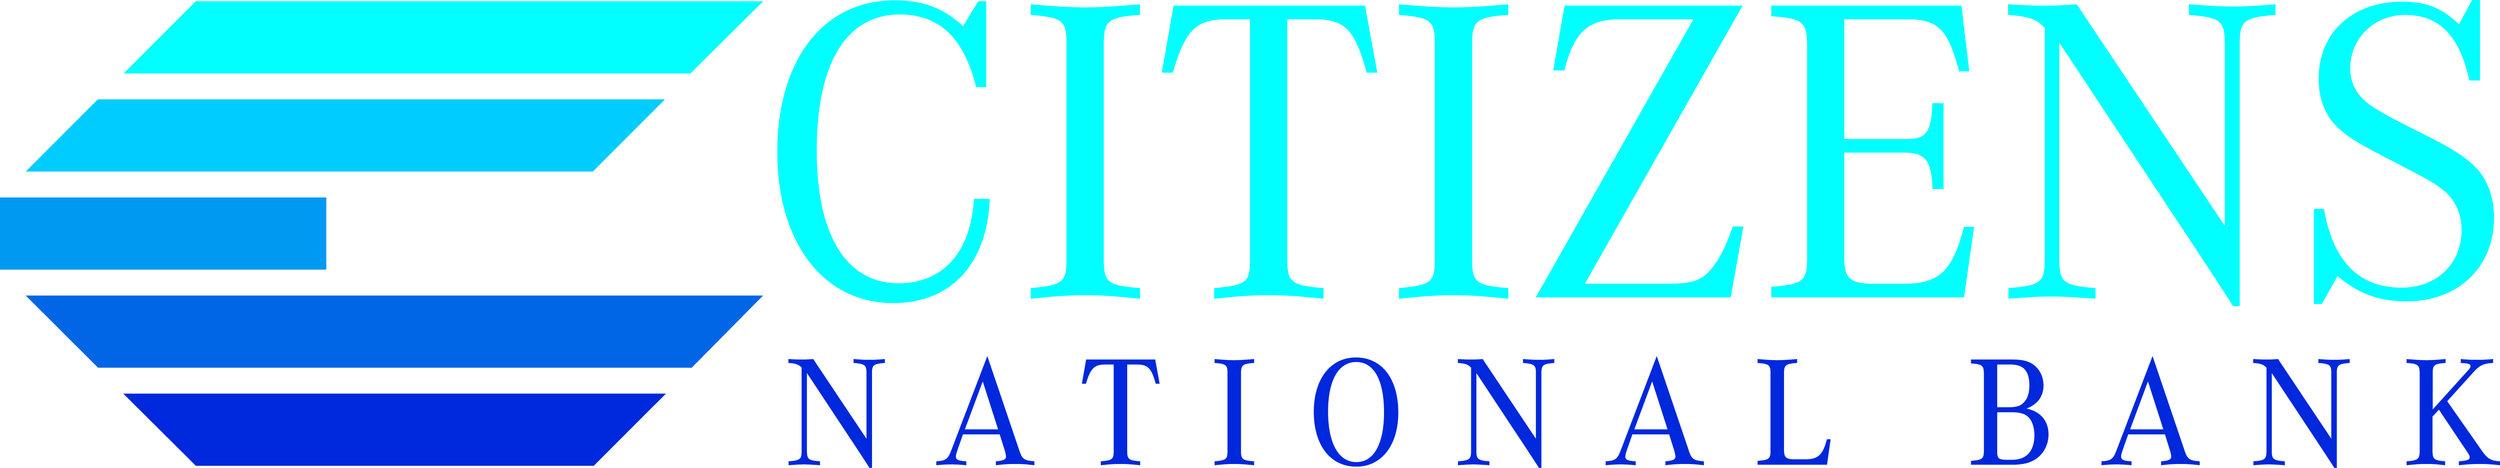 CNB Horiz Logo.jpg